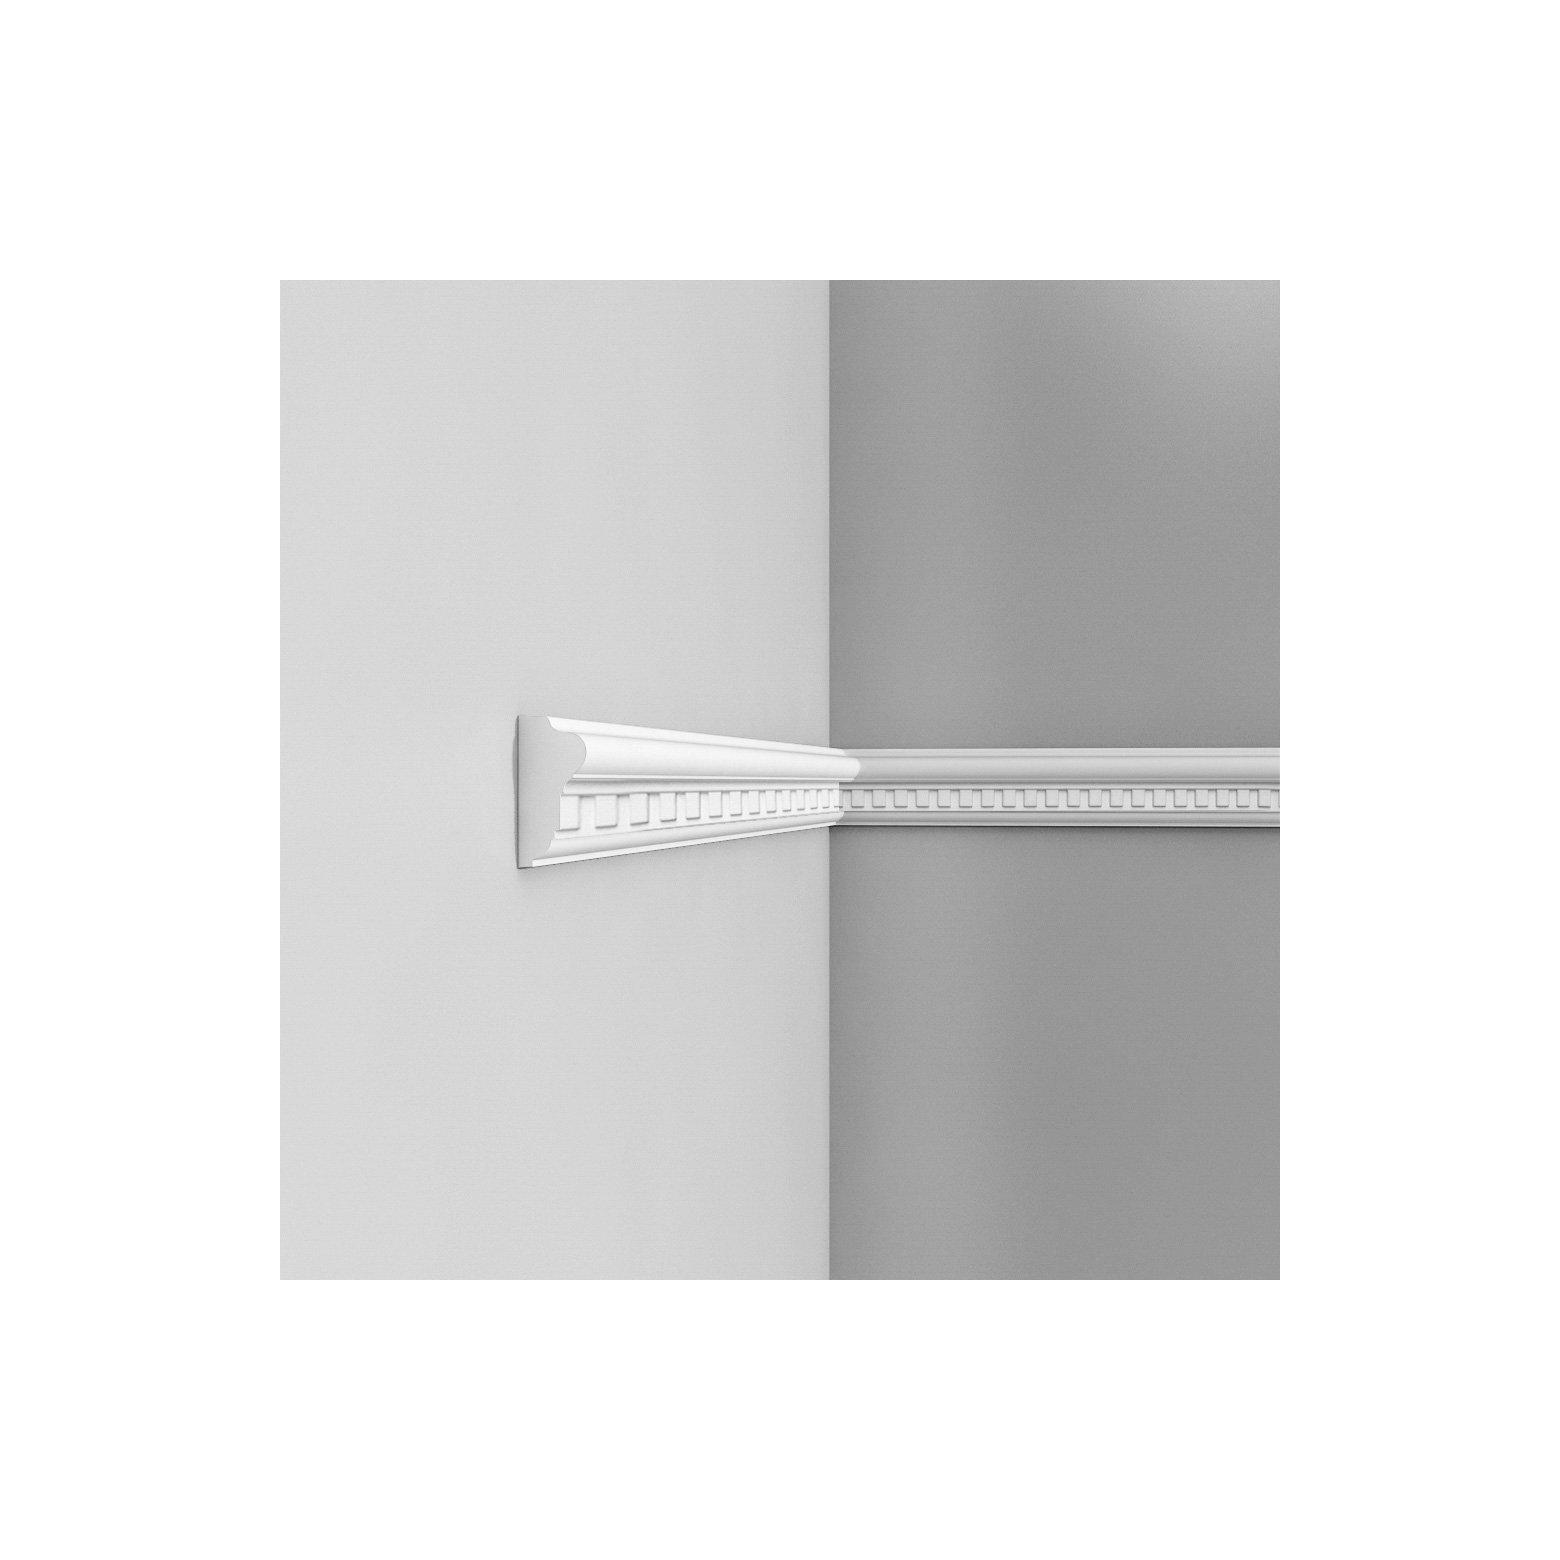 Listwa ścienna zdobiona gięta ODP6020F (wym.200x2.8x6.4cm)